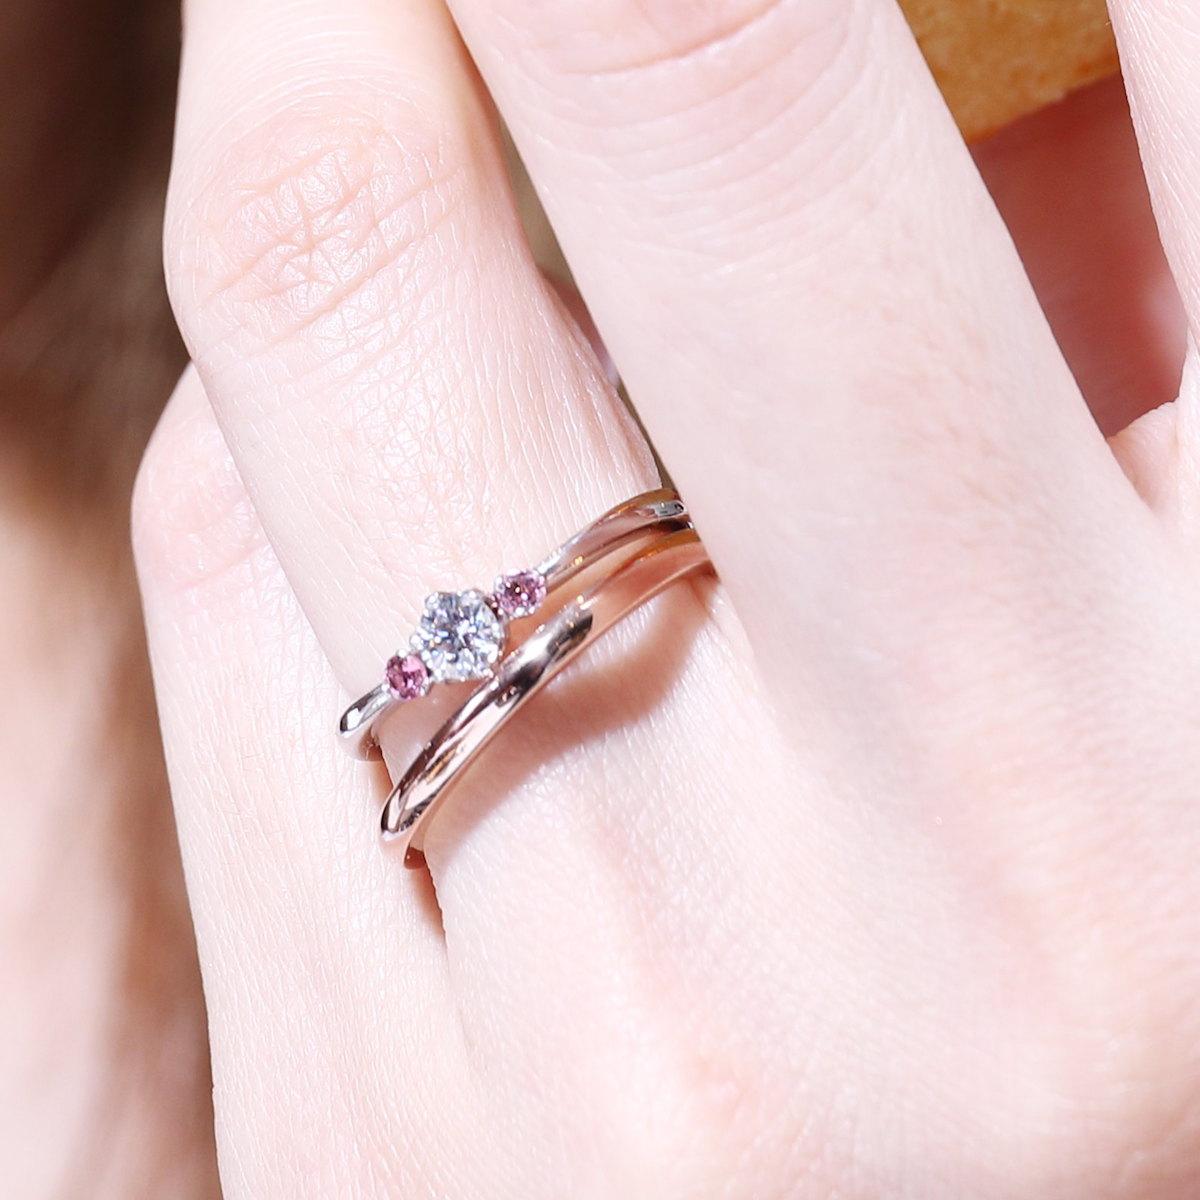 人気です、ピンクゴールドの結婚指輪